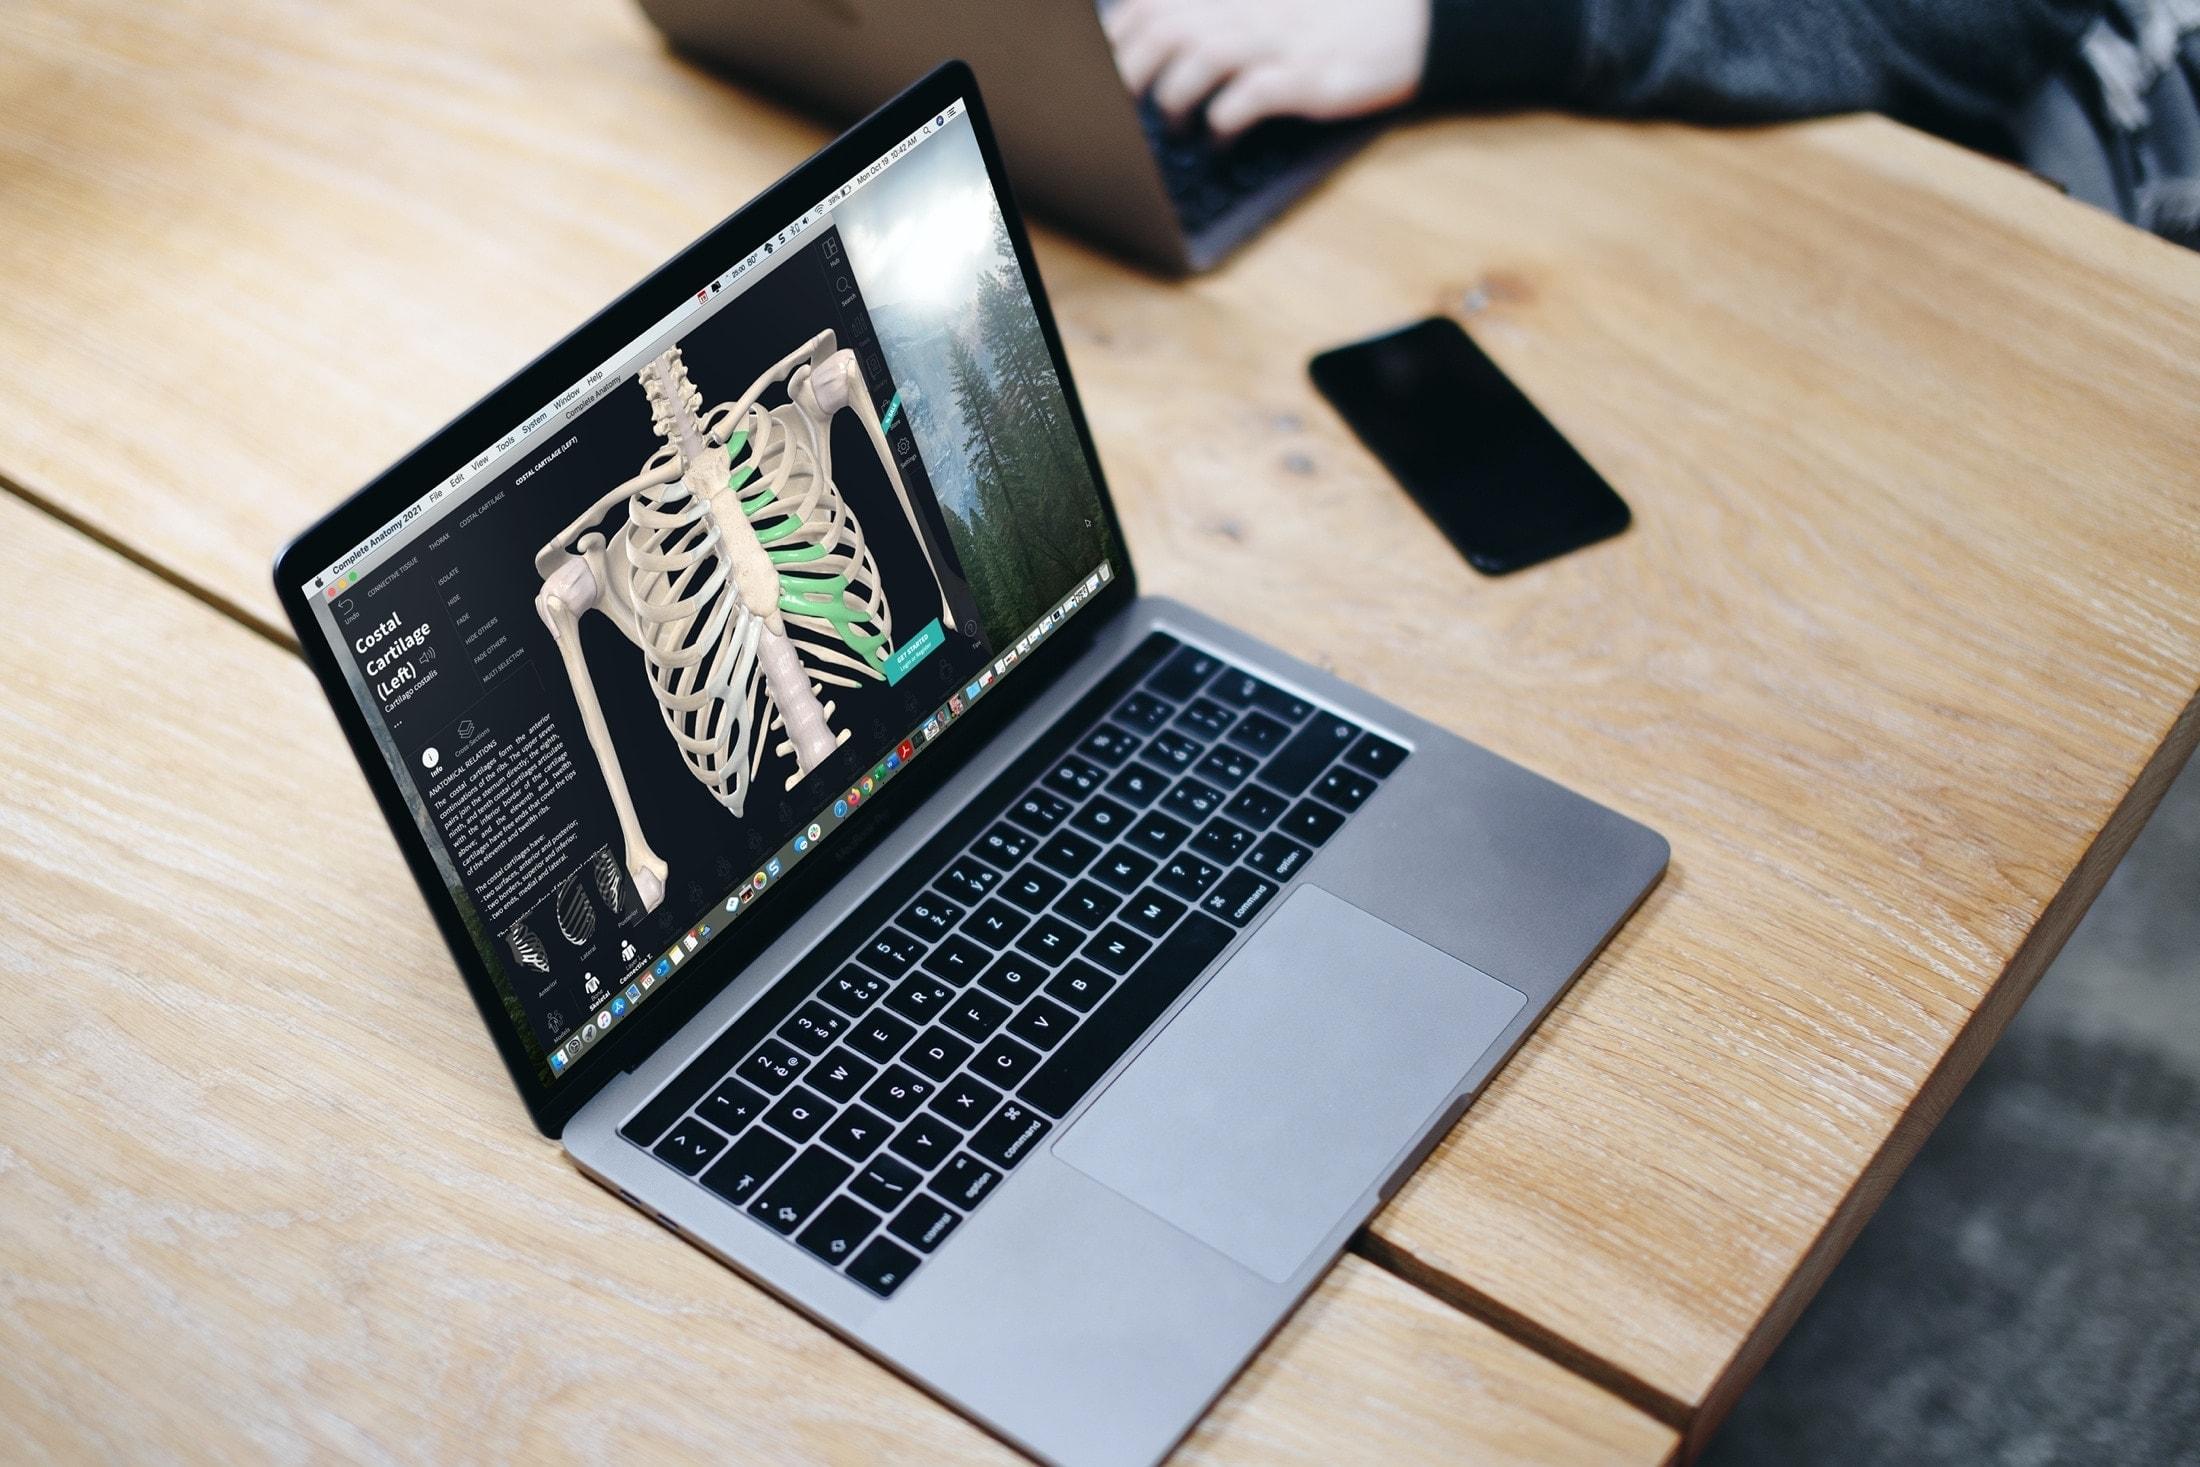 Best Laptop for Medical Illustration